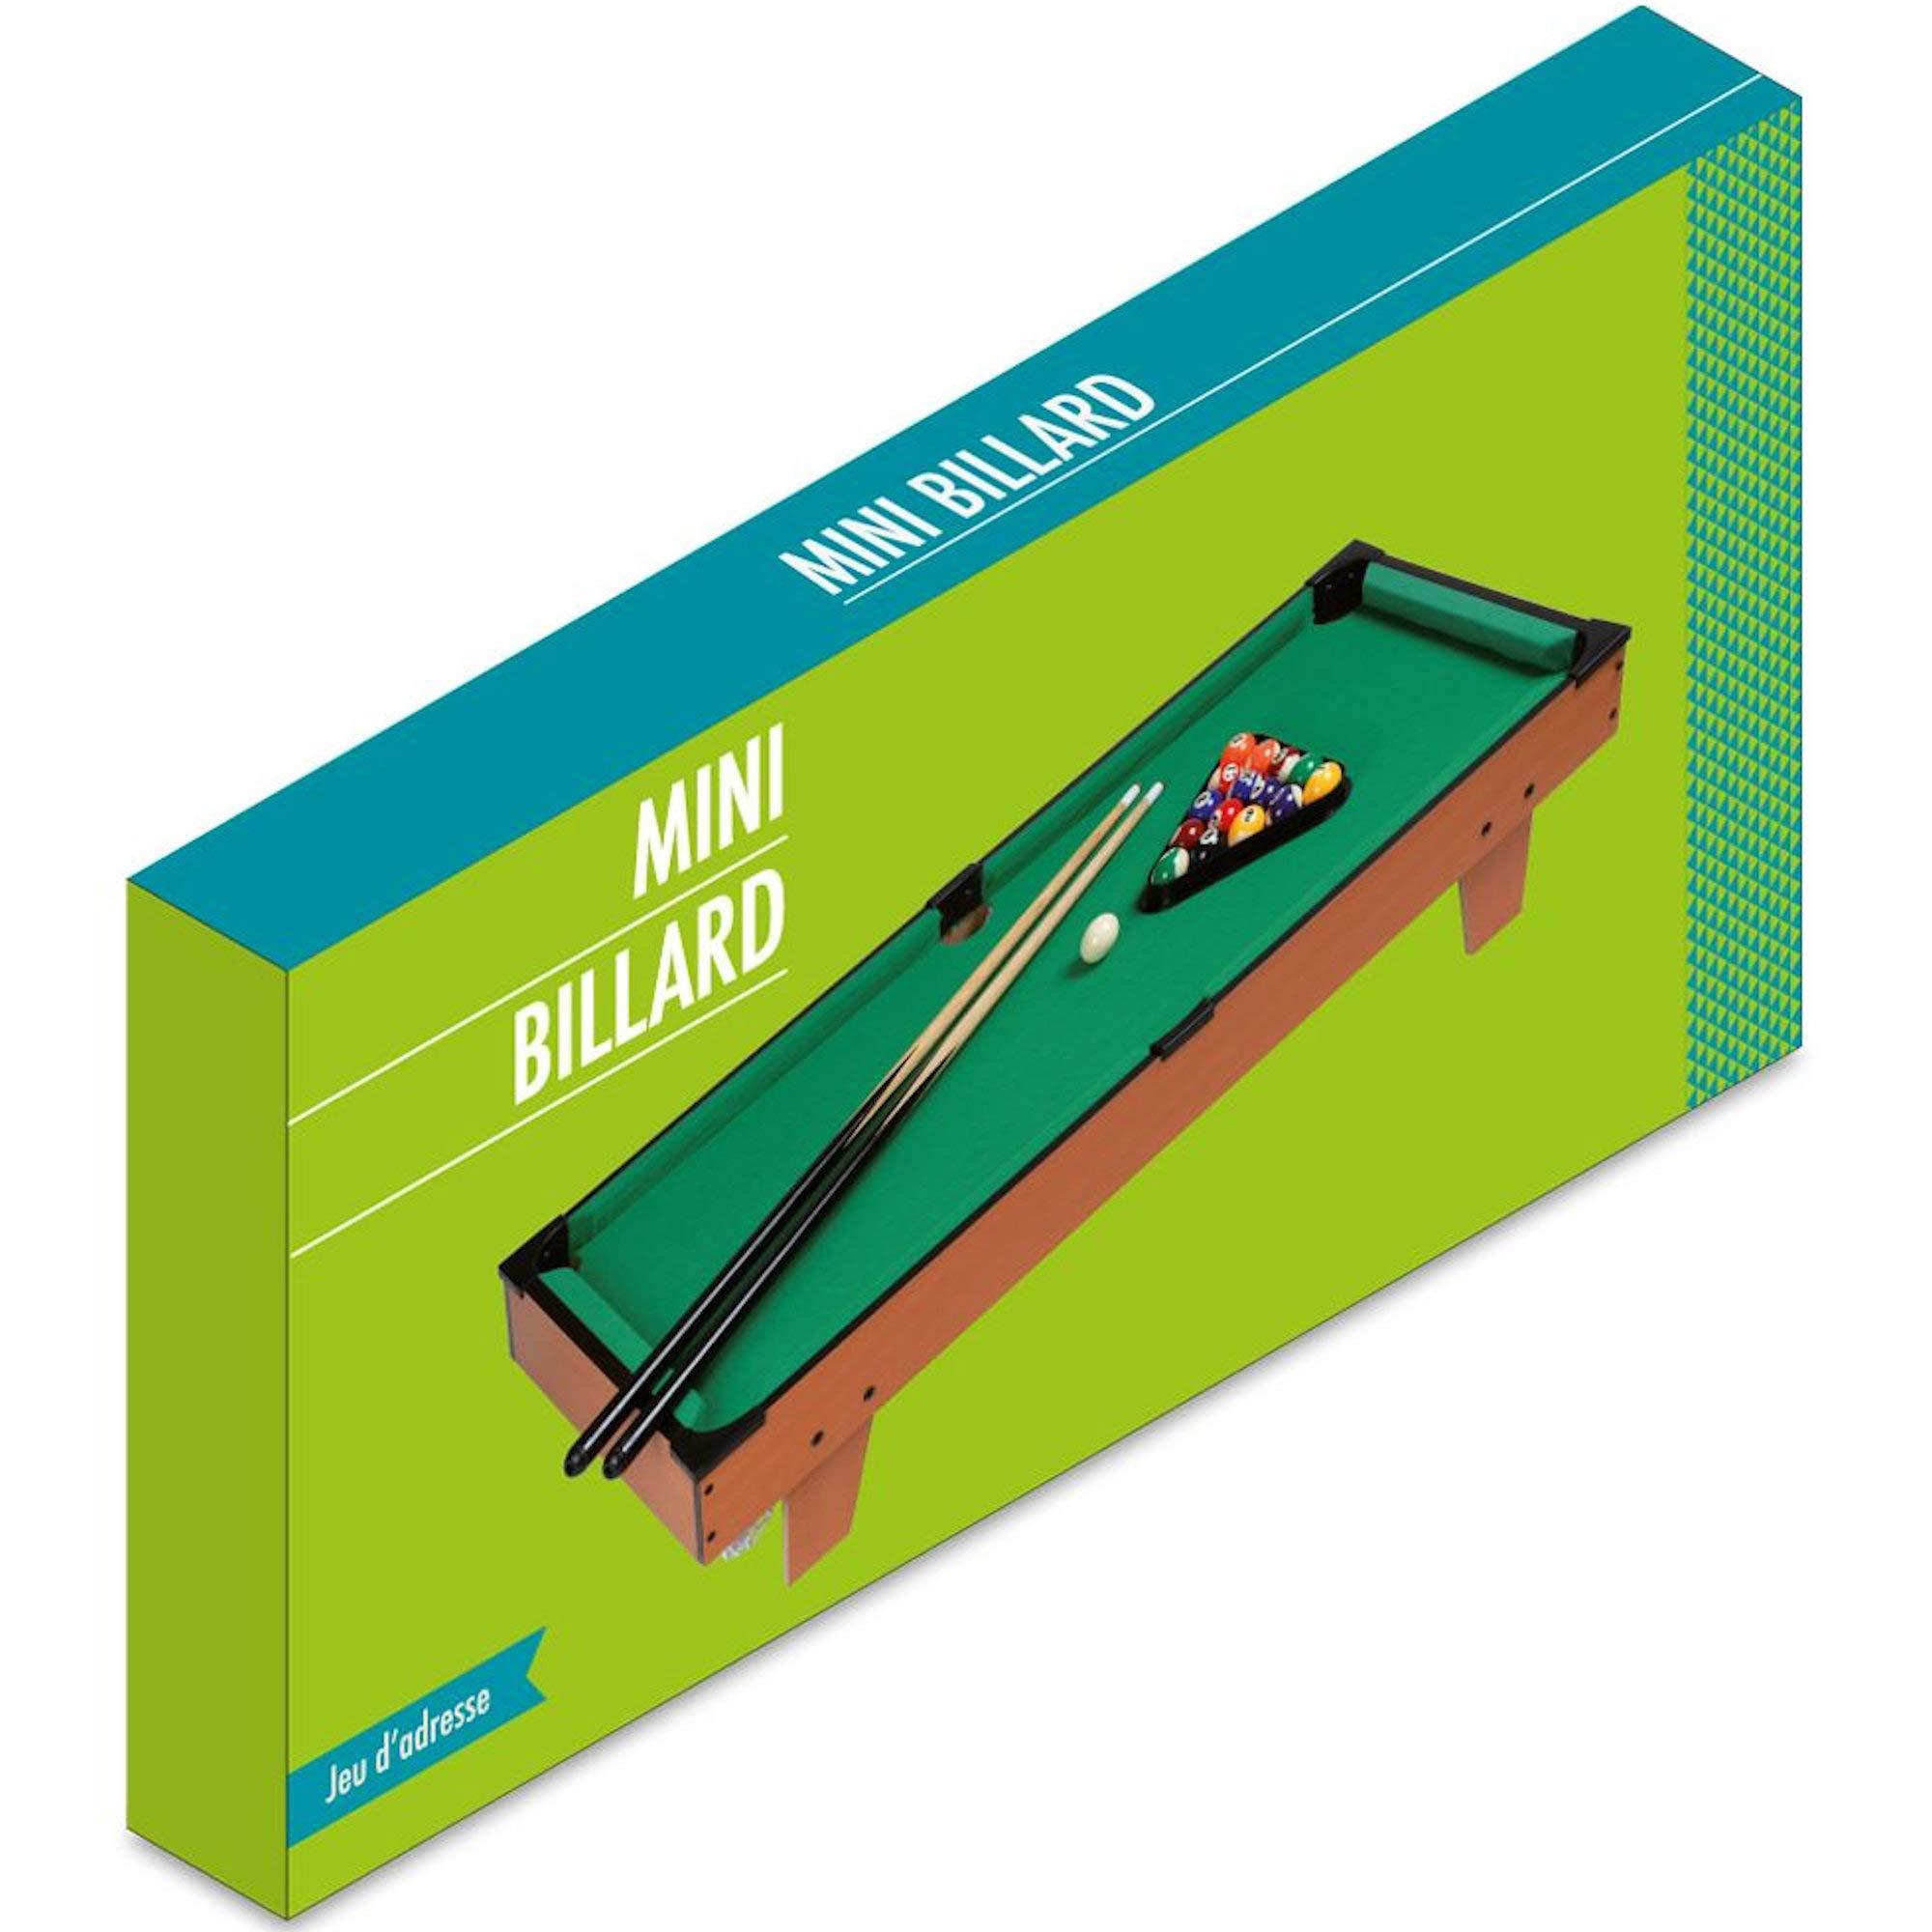 LE STUDIO】 Mini Table Billiards by LE STUDIO (Image #3)